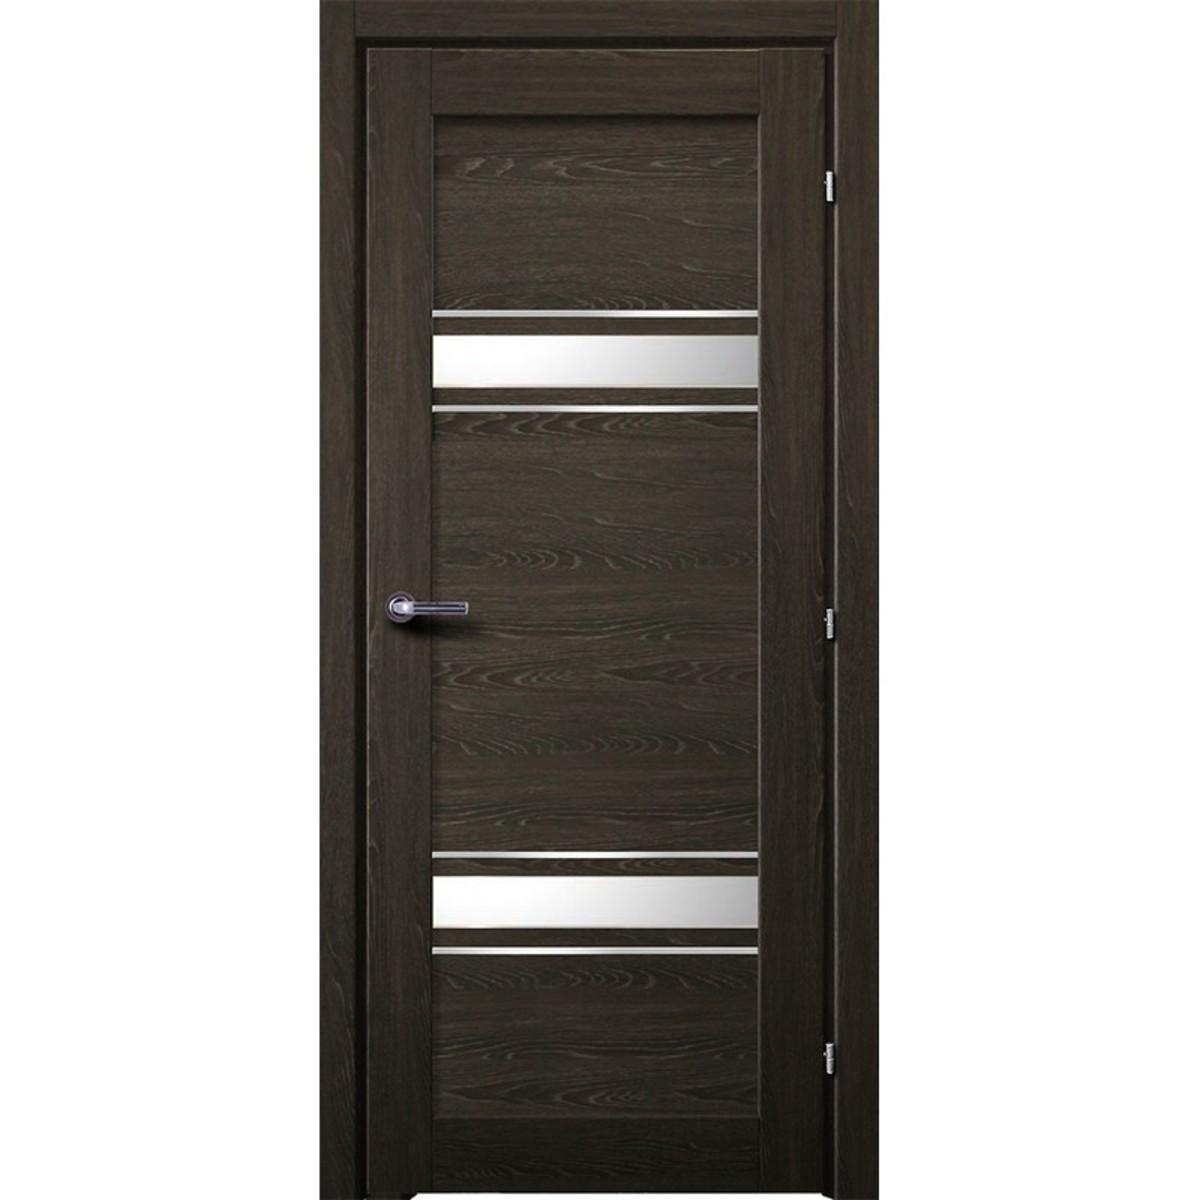 Дверь Межкомнатная Остеклённая Арден 80x200 Cpl Цвет Графит С Фурнитурой